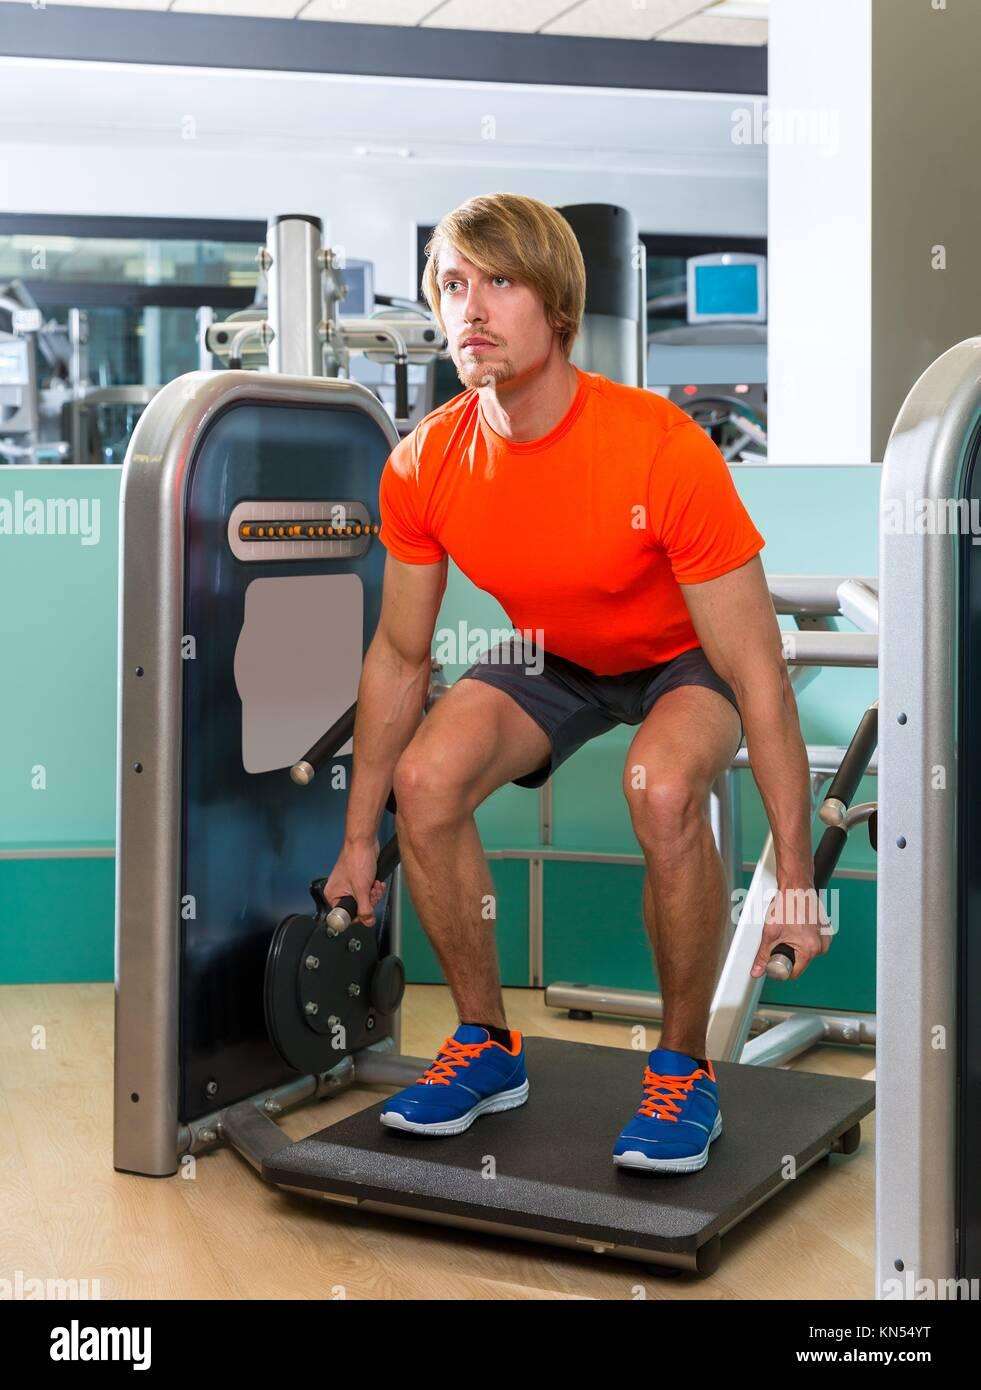 Gimnasio máquina sentadilla ejercicio workout rubio en interiores. Imagen De Stock